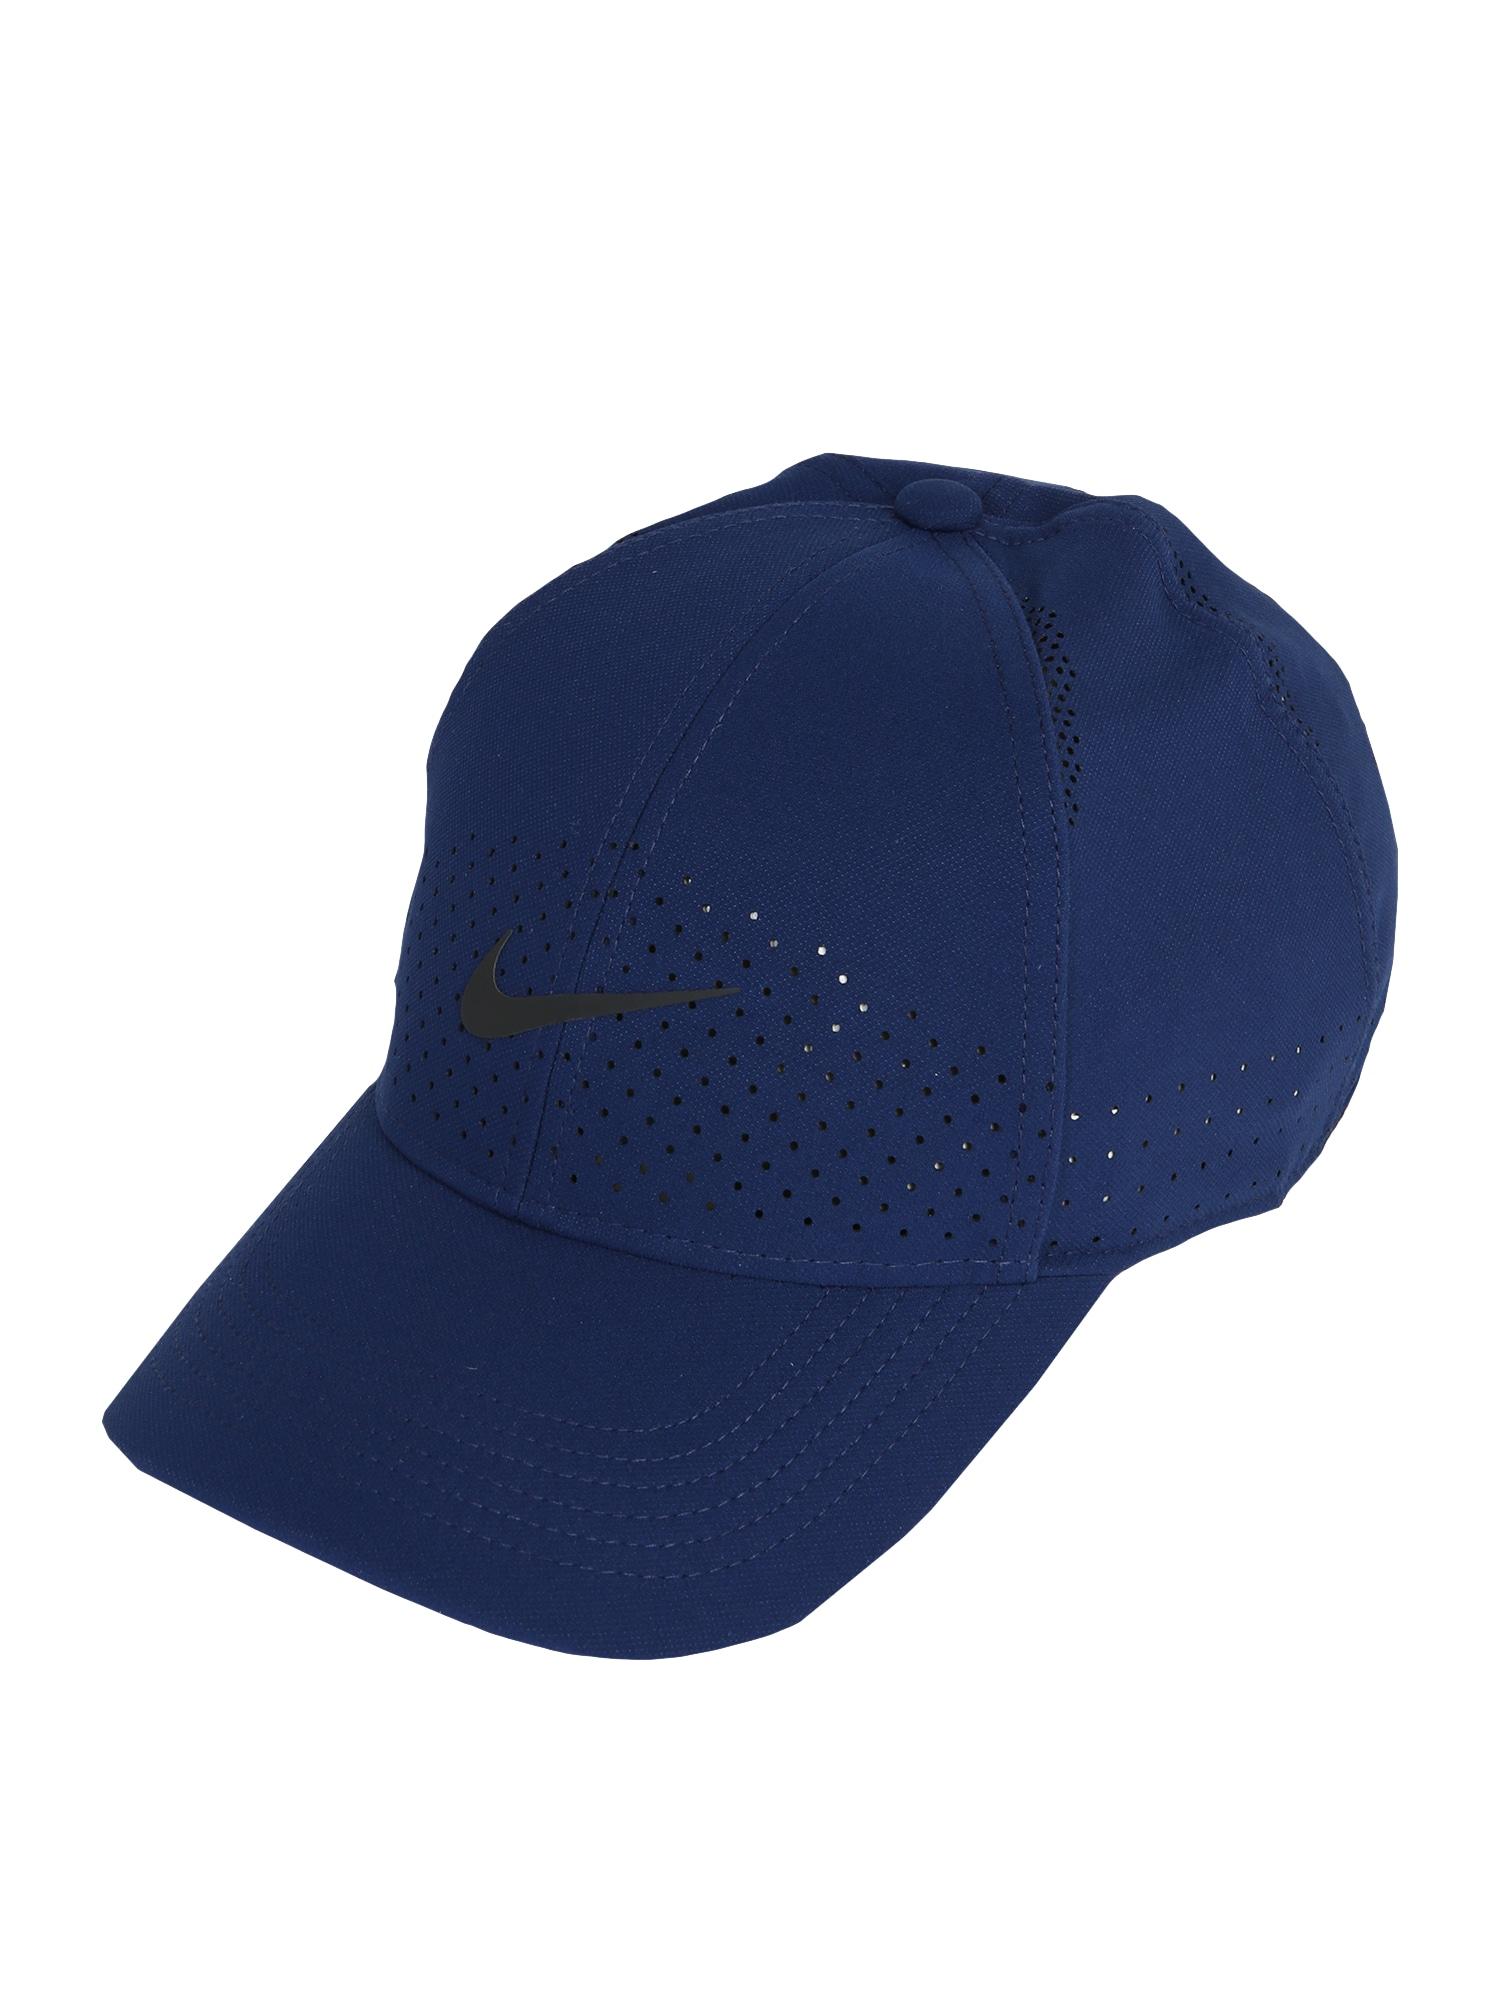 NIKE Sportinė kepurė 'Aero Legacy' tamsiai mėlyna